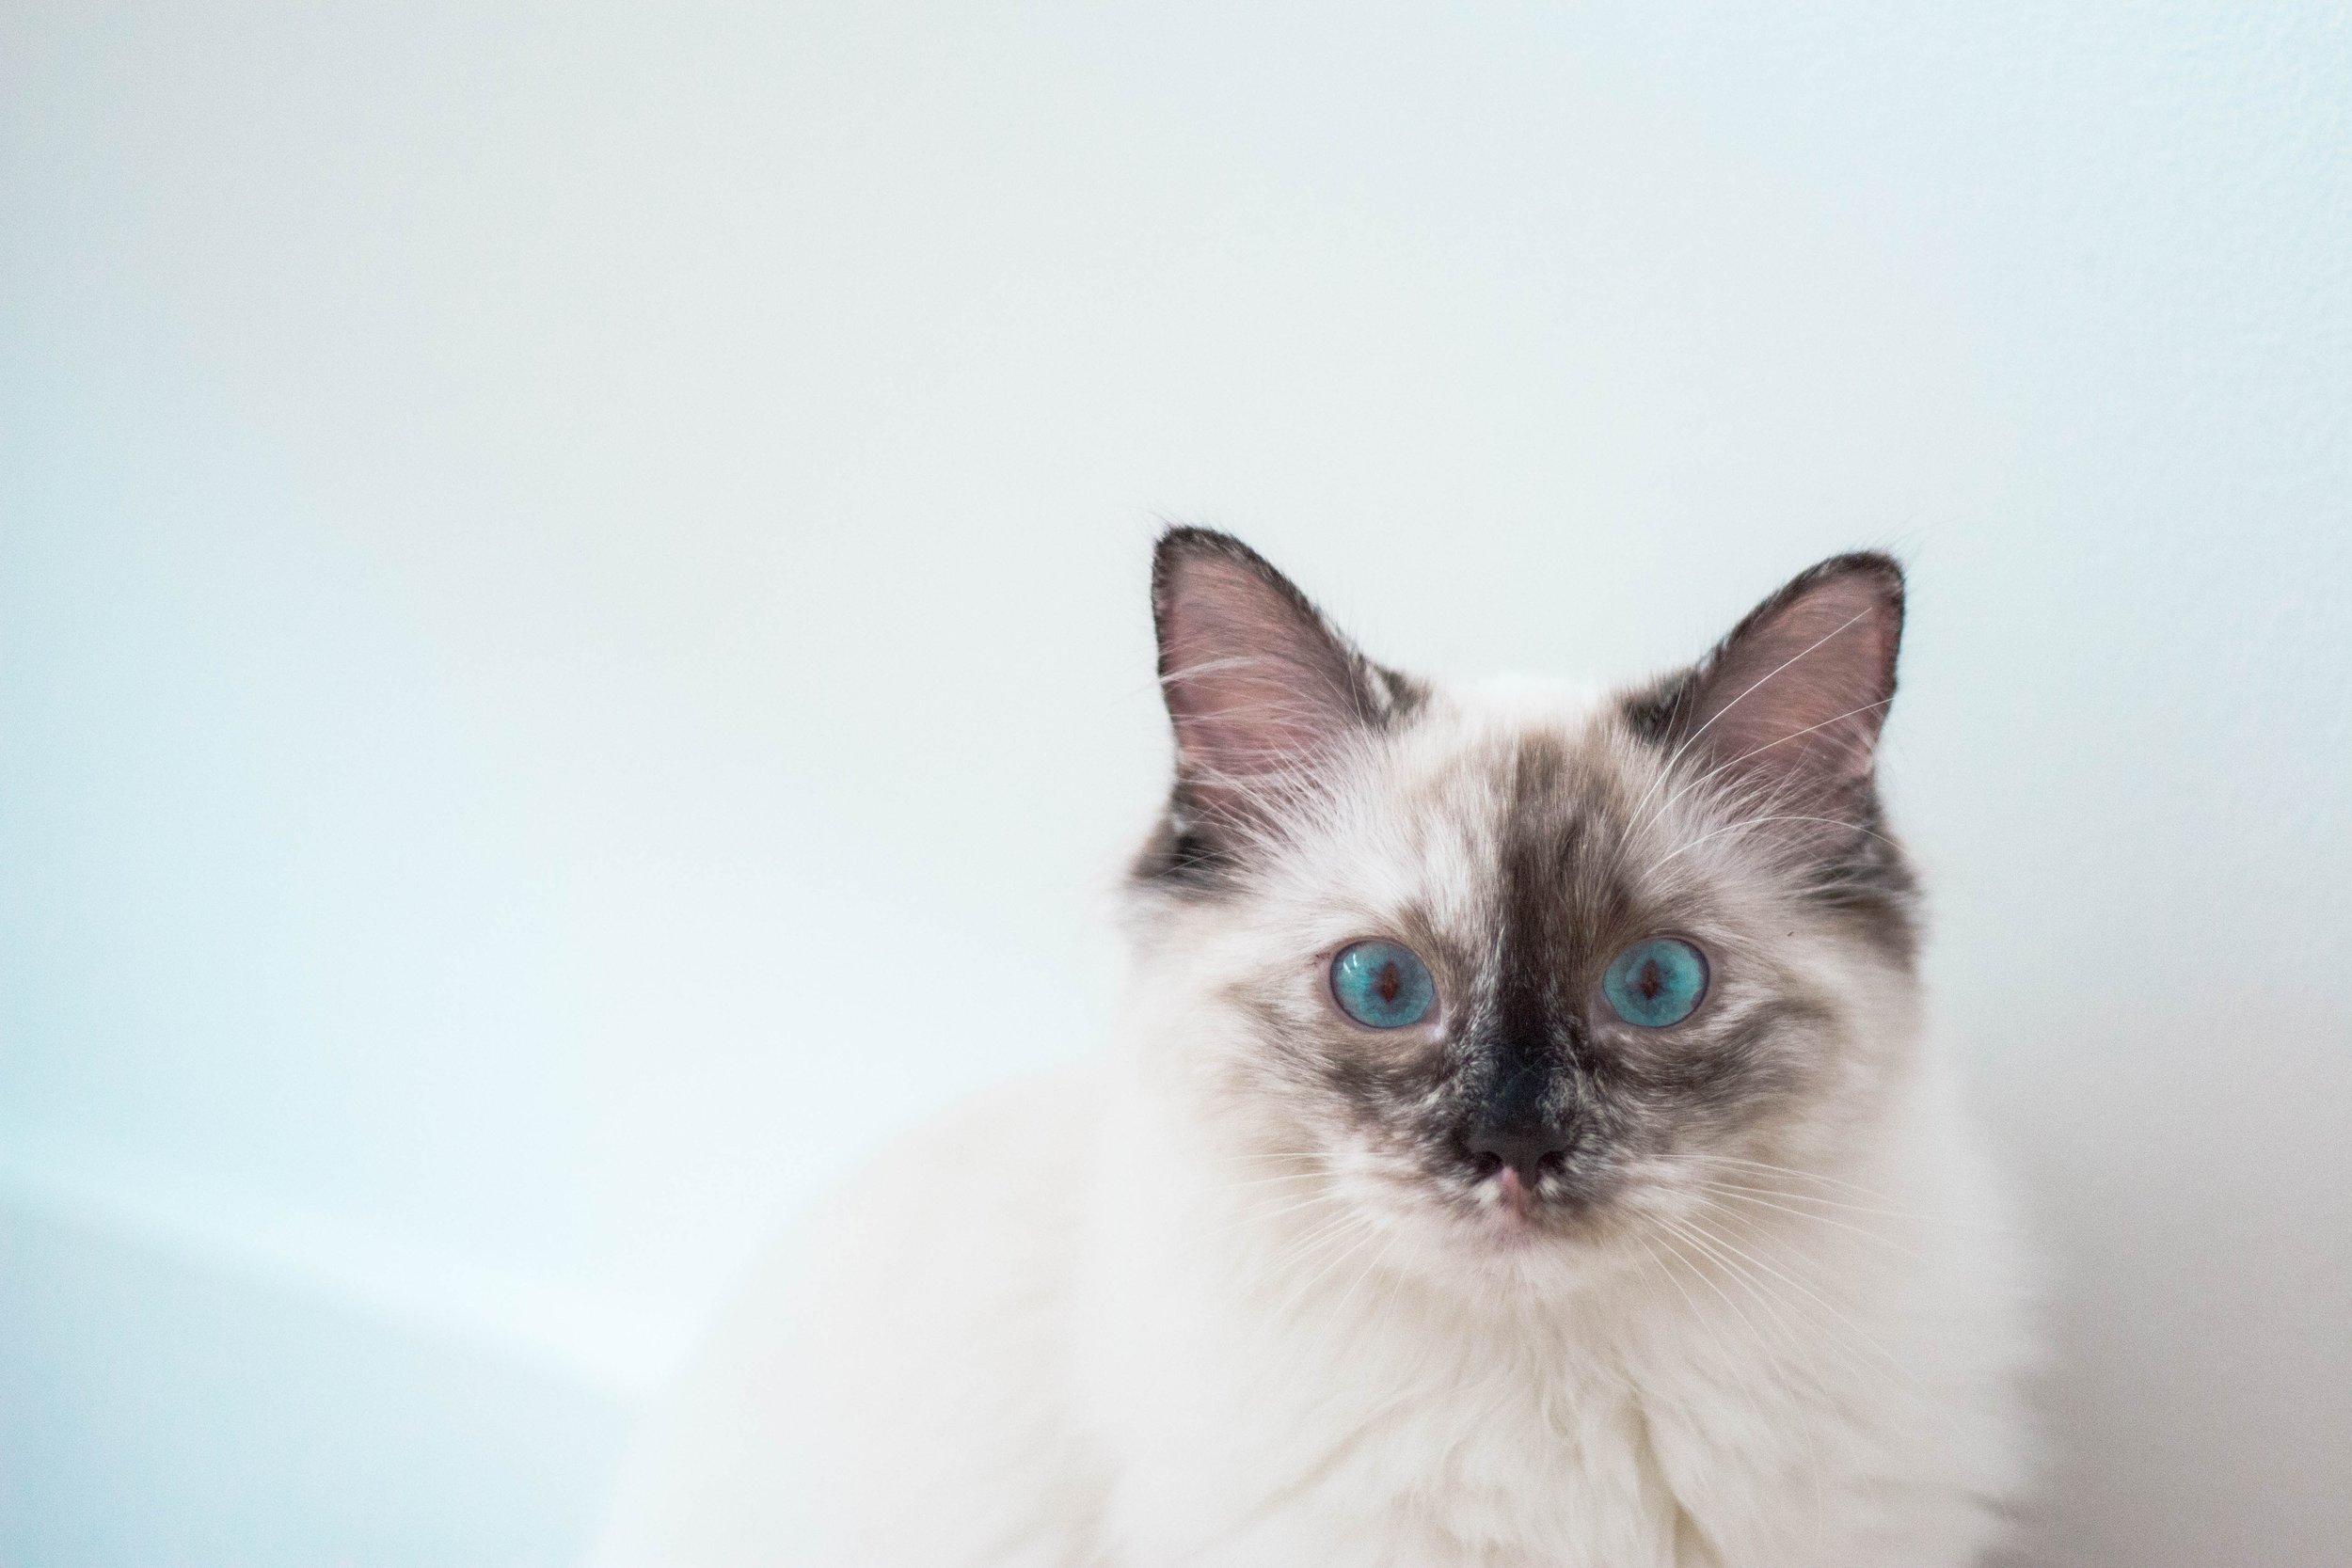 cat breeds #catbreeds #allaboutcat #catguide